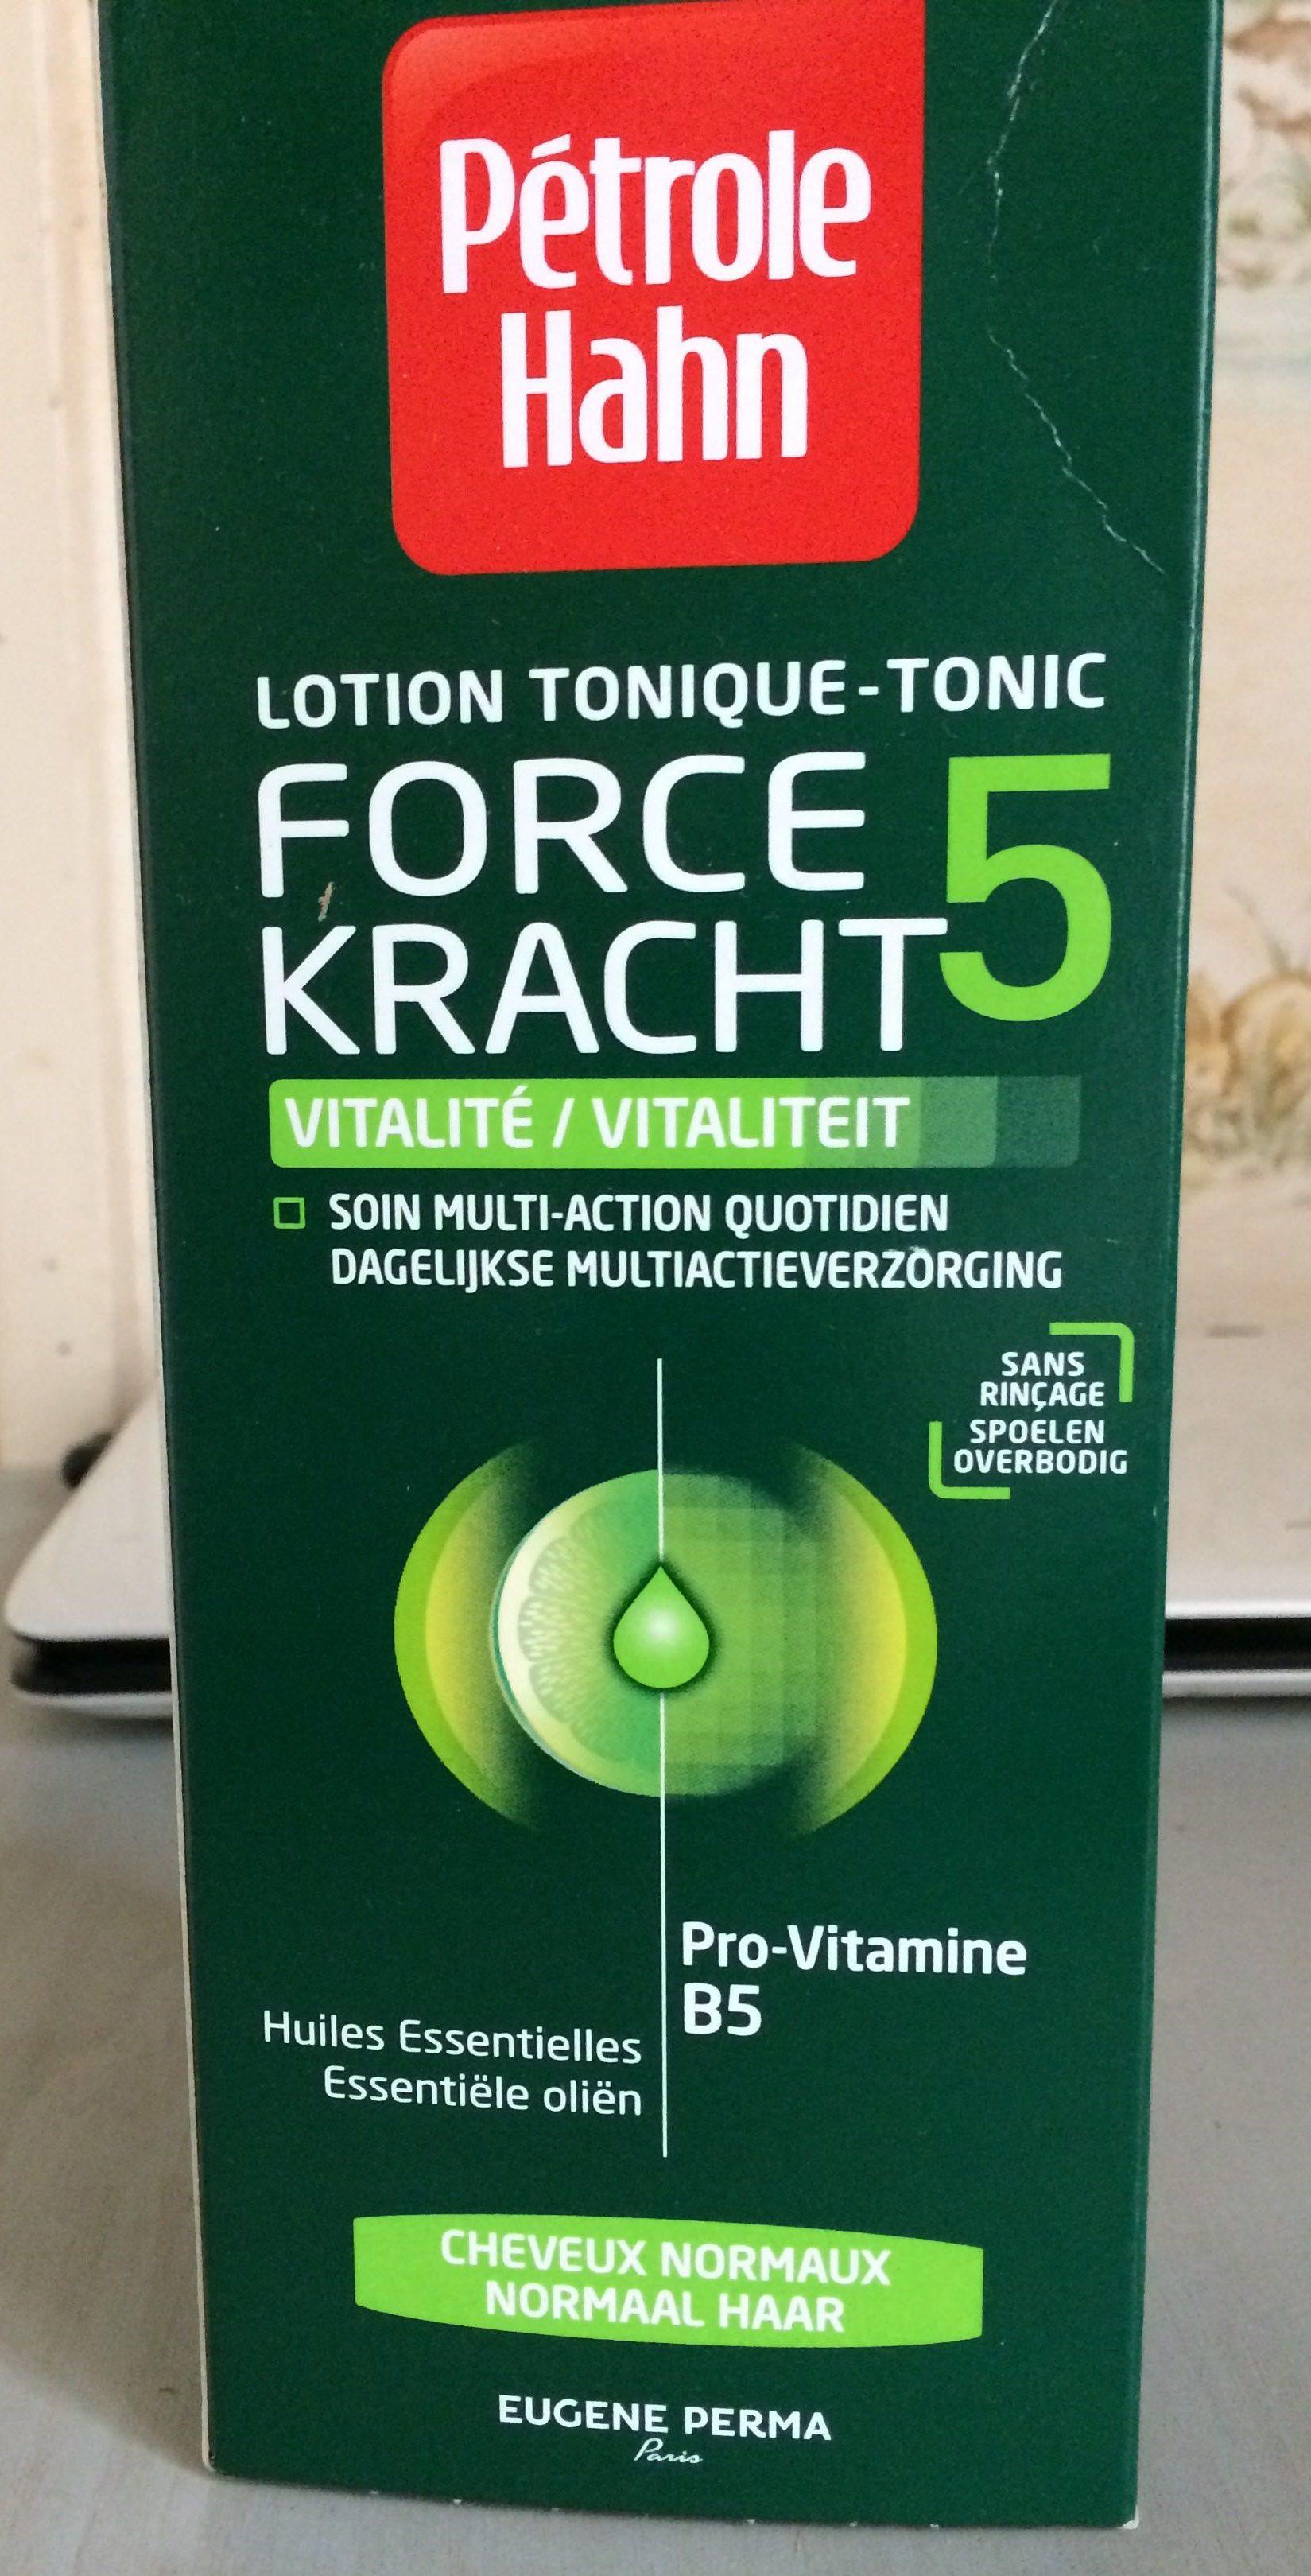 Lotion tonique pour cheveux normaux - Product - fr